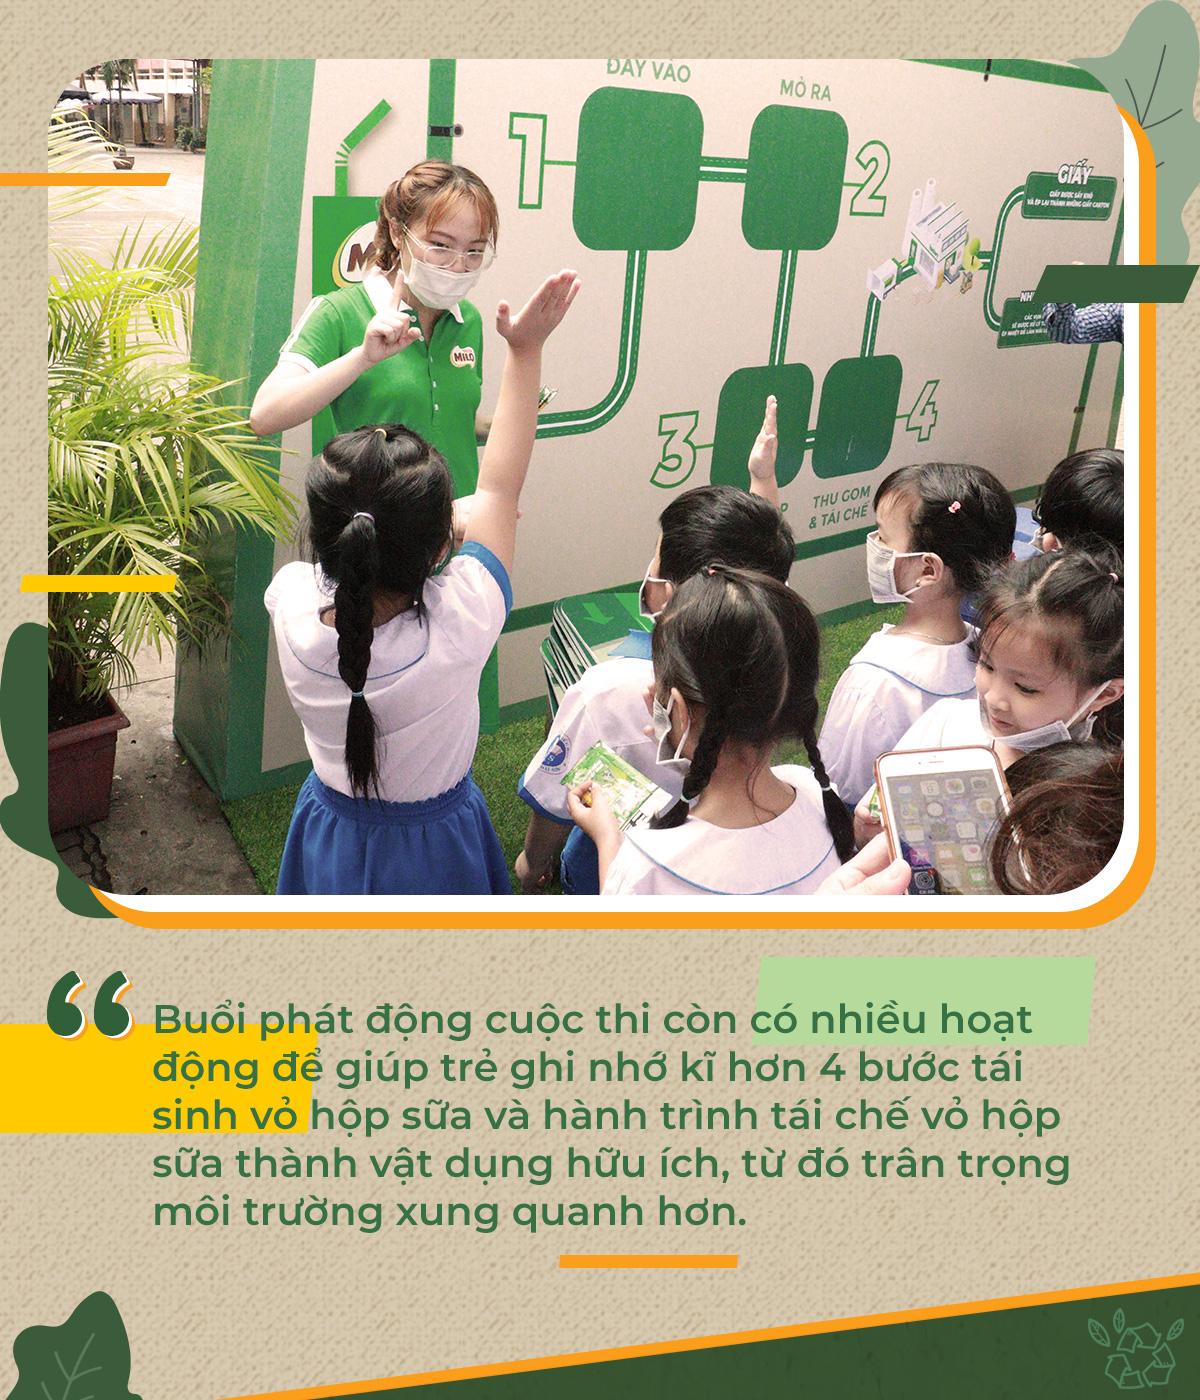 """Nghe 280.000 bạn nhỏ hào hứng kể chuyện tái sinh vỏ hộp sữa, mở ra """"hành trình xanh"""" vì môi trường - Ảnh 4."""